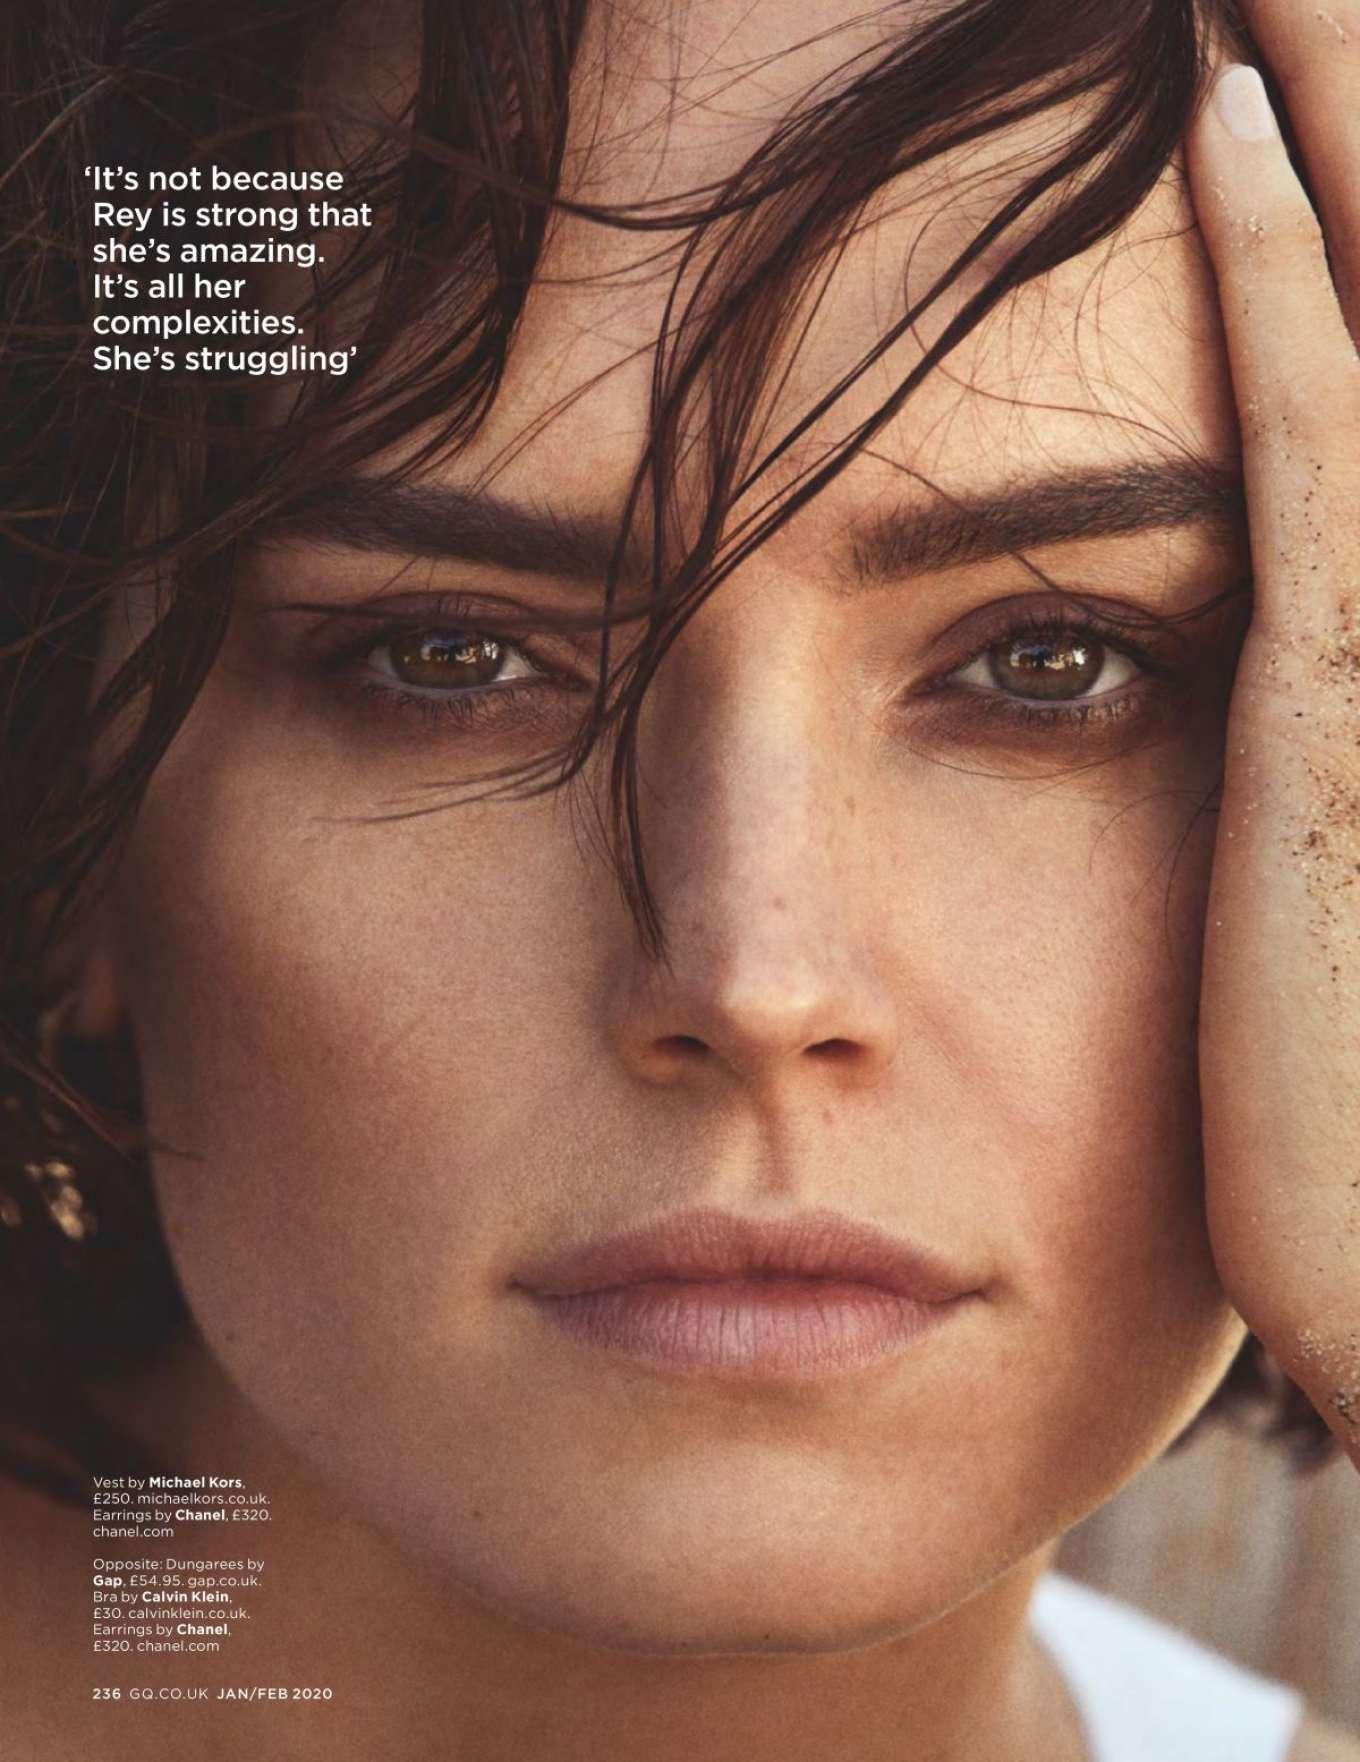 Daisy Ridley Gq Uk Magazine 2020 20 Gotceleb